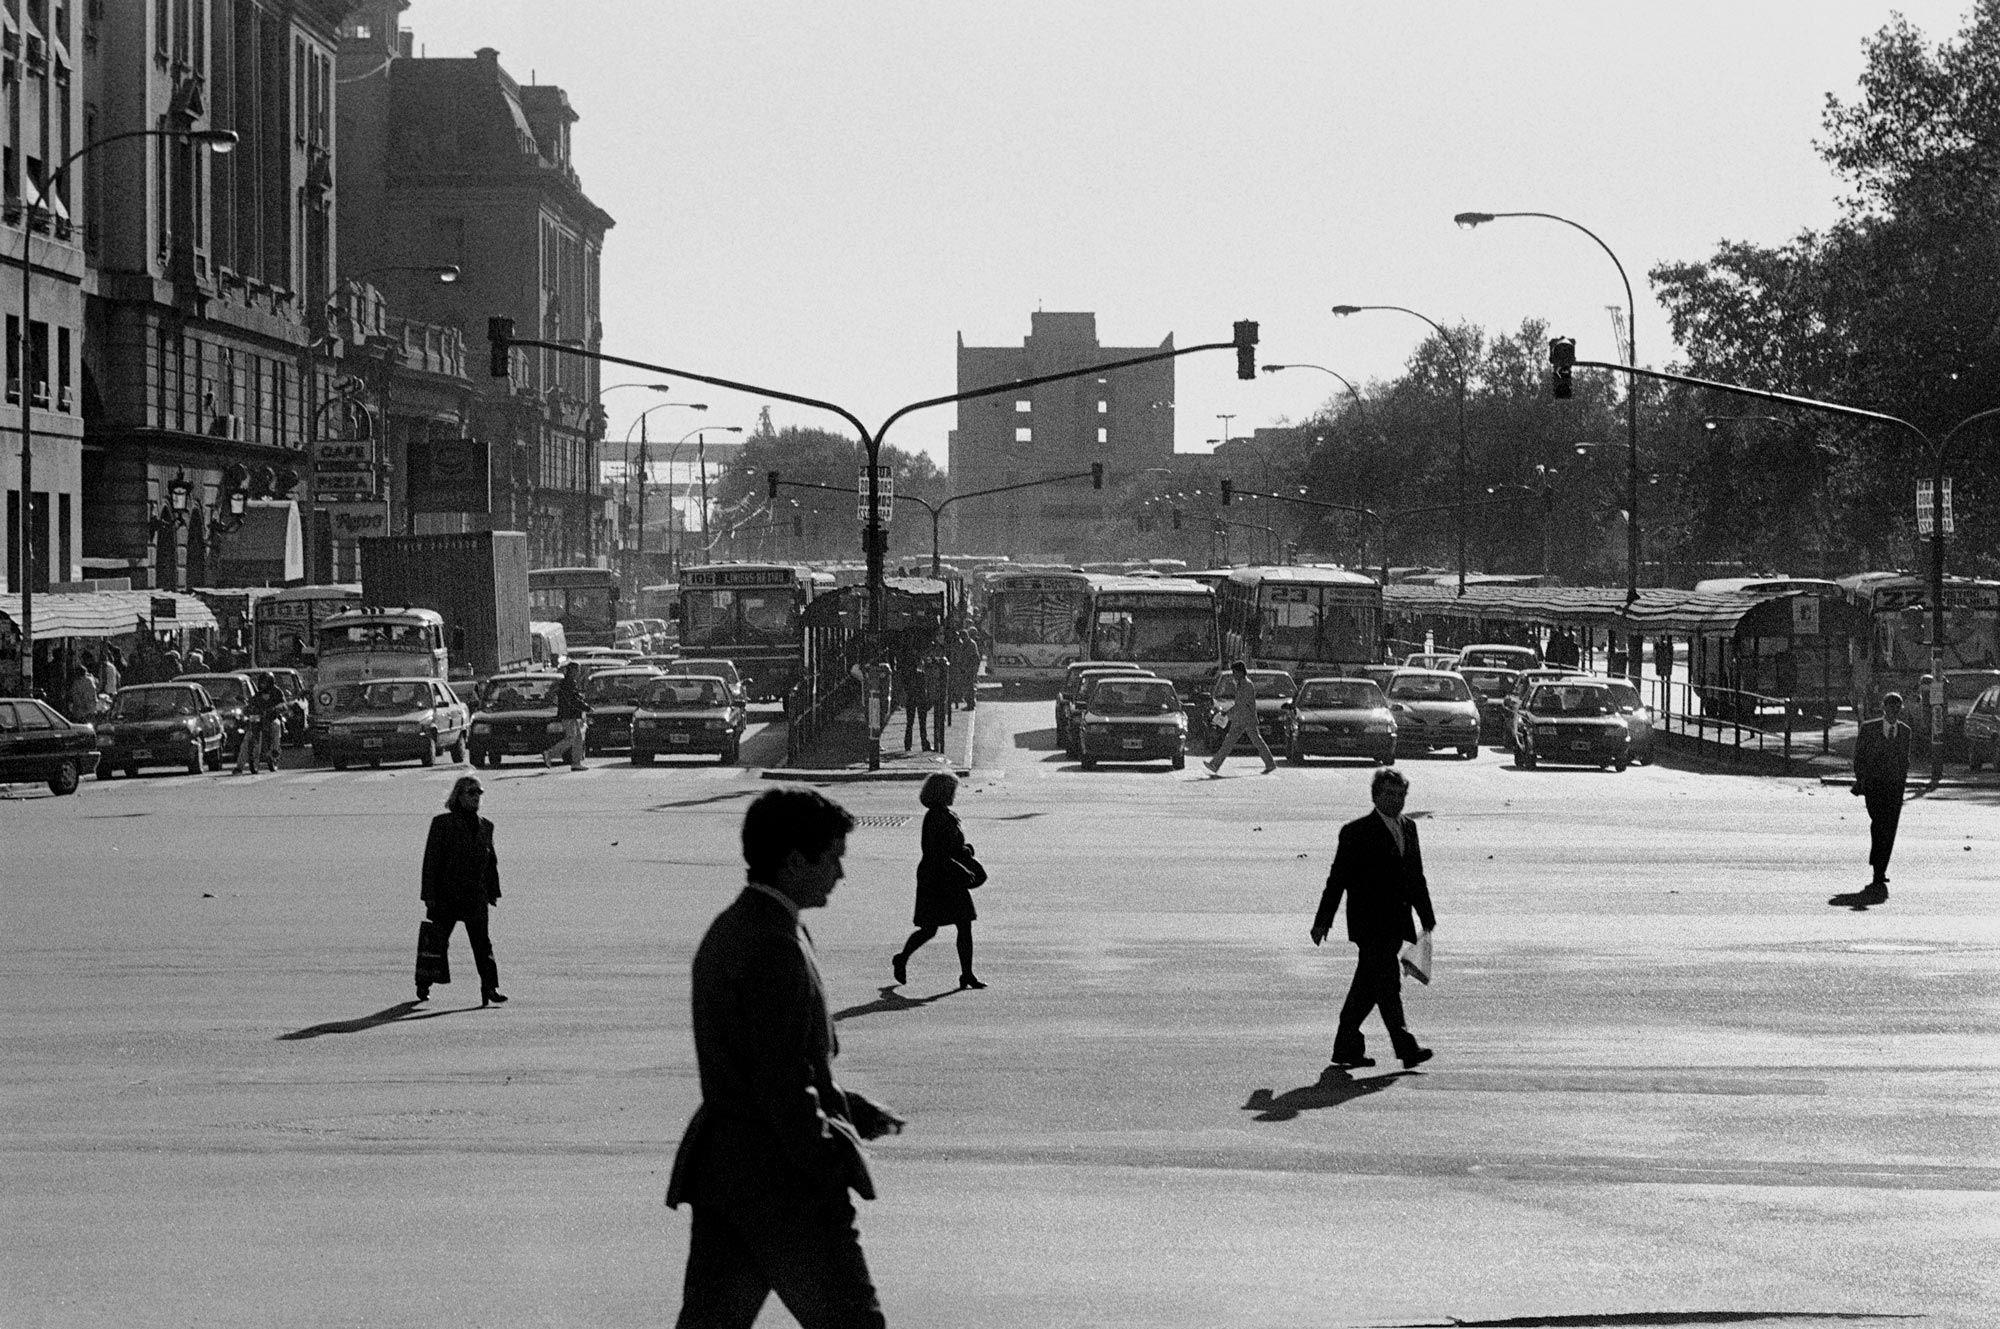 Peatones en Retiro, série Estampas Porteñas, 1999